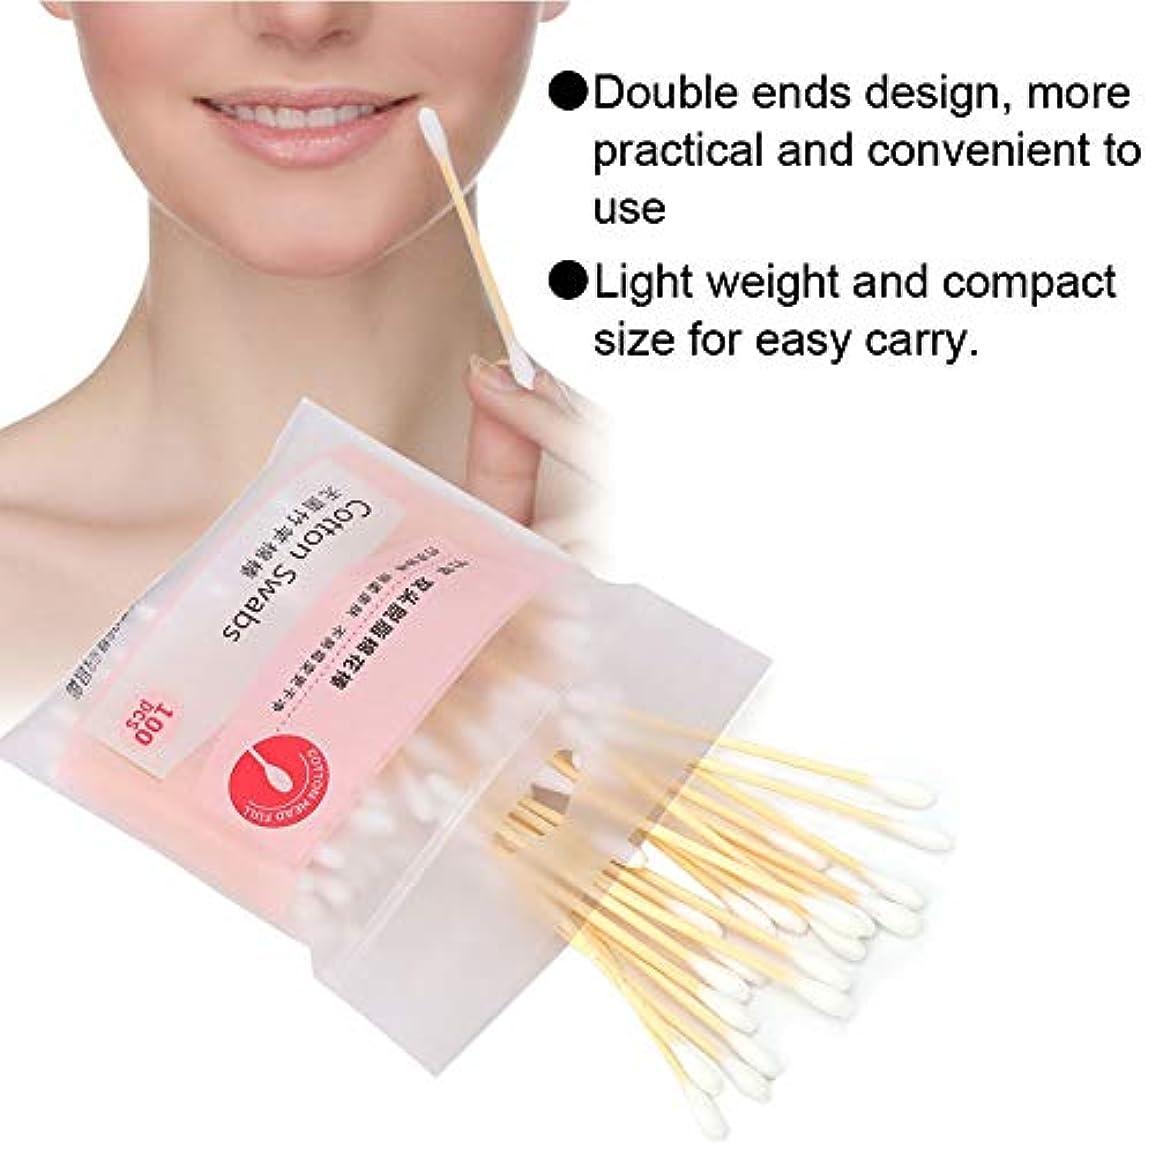 有用心理学フェード使い捨てダブルエンド綿棒化粧綿棒綿棒 100個セット